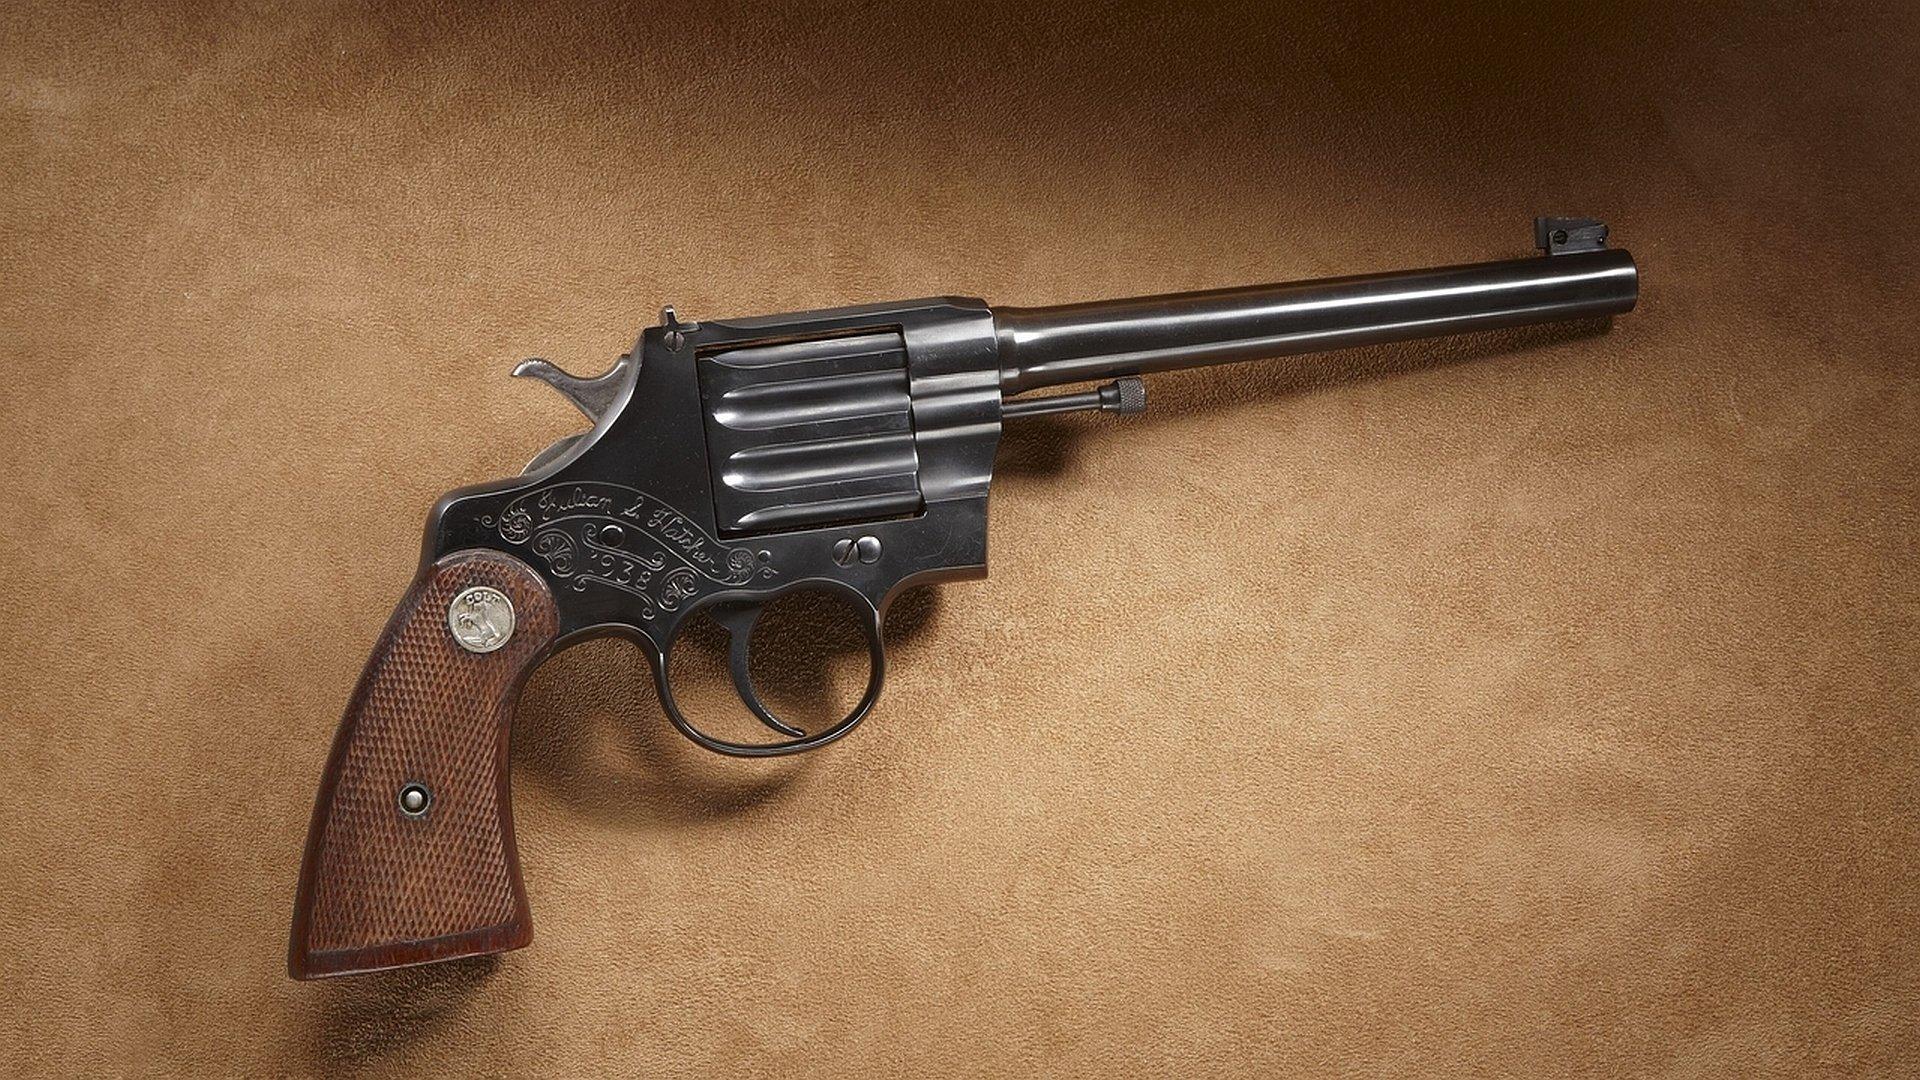 HQ Colt Revolver Wallpapers | File 566.8Kb